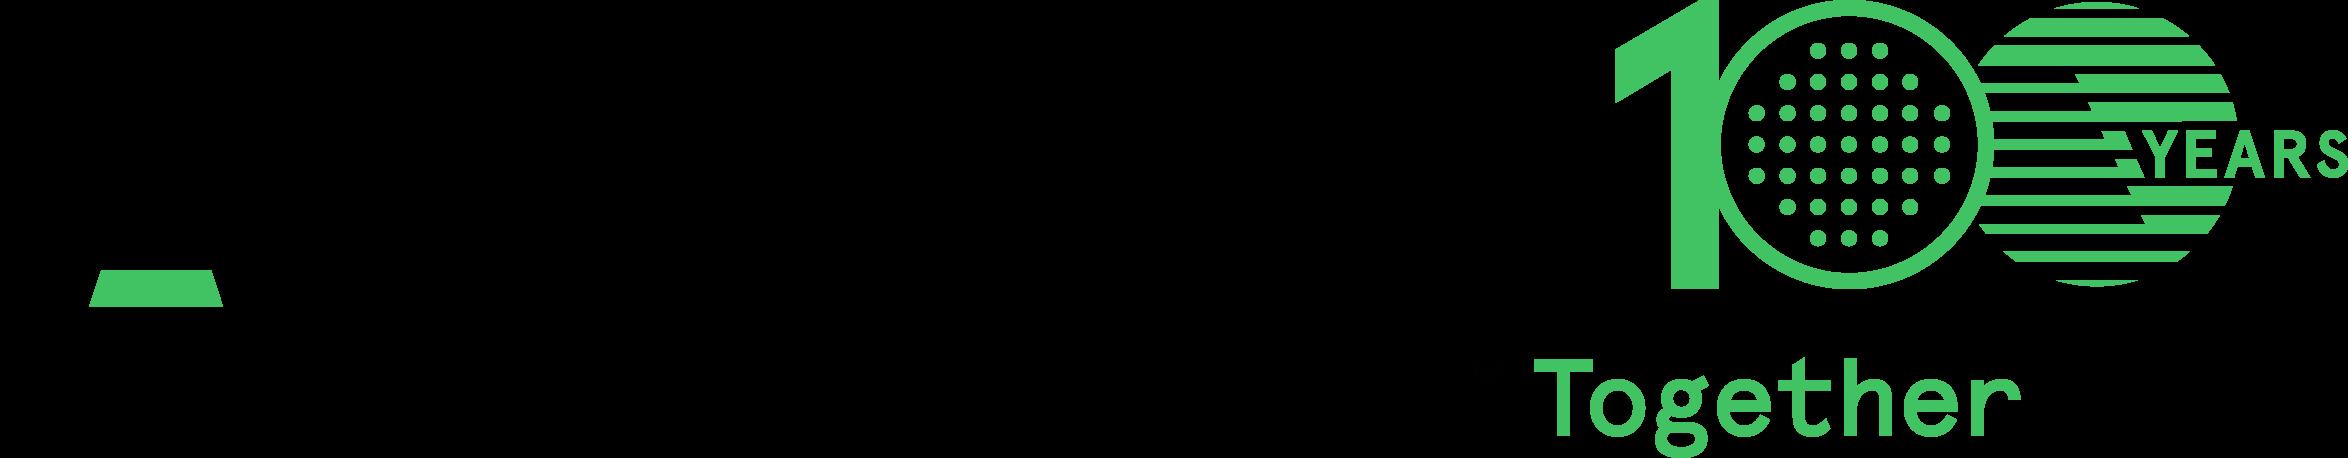 Avnet 100 logo